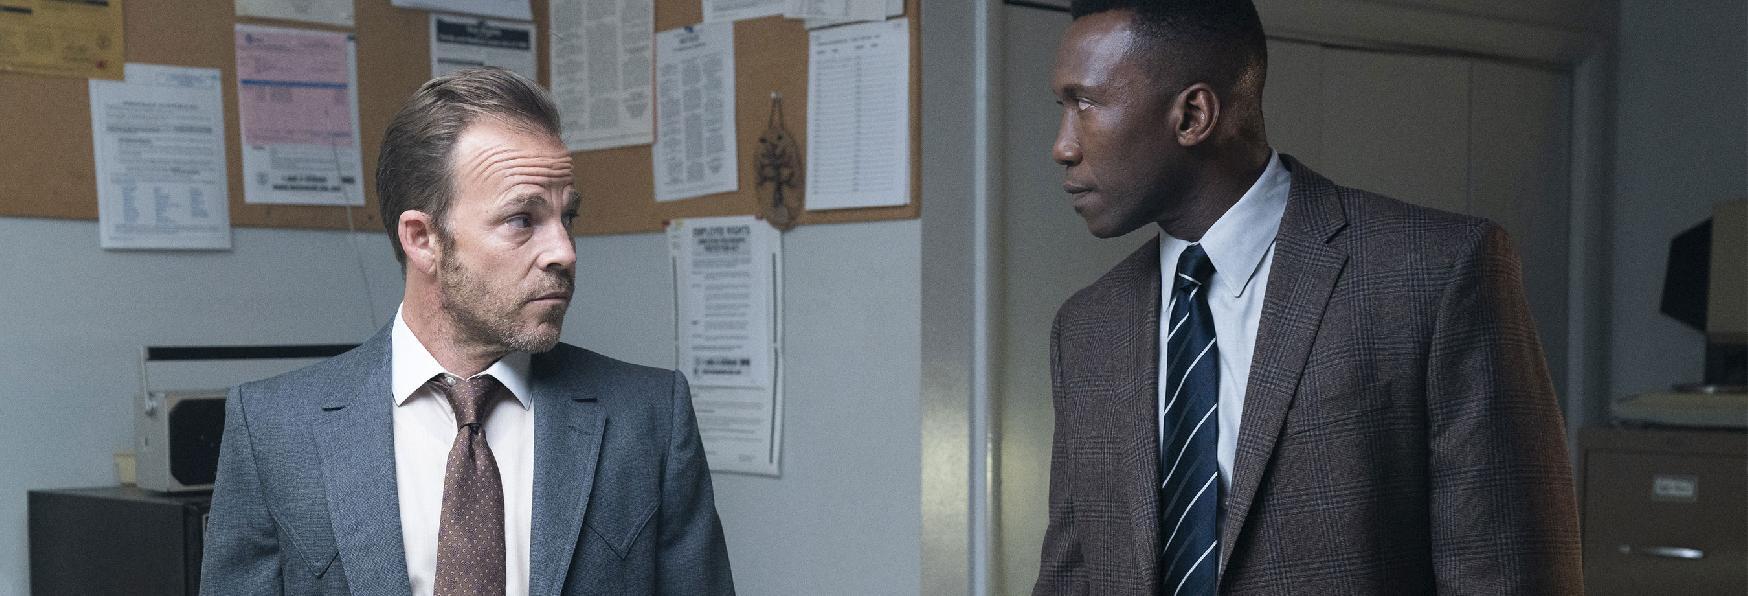 True Detective: i Nuovi Piani di Nic Pizzolatto per la Quarta Stagione e per il Futuro dello Show